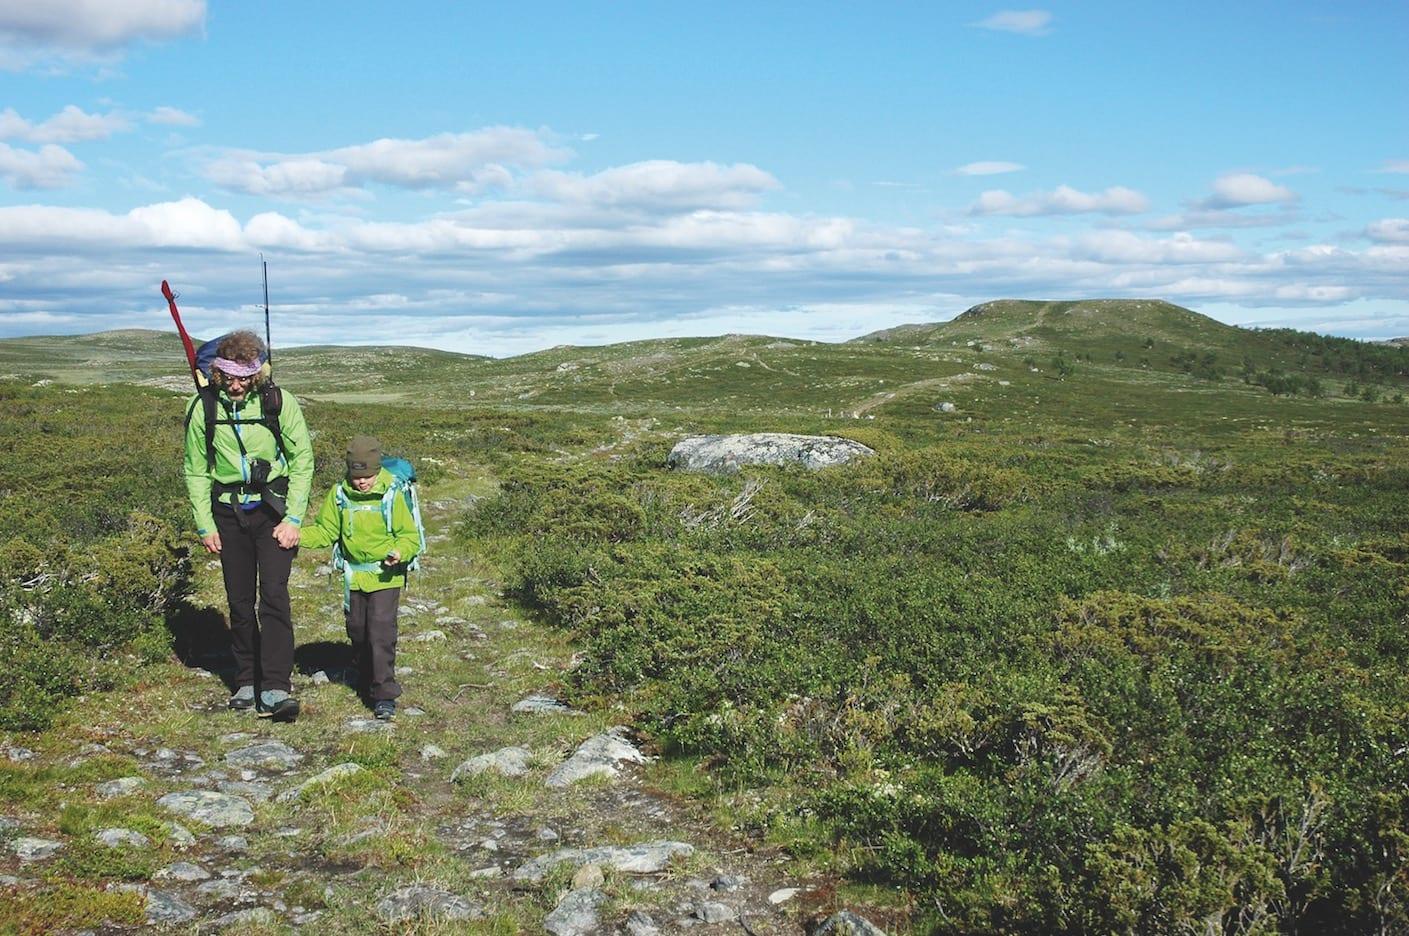 GAUSDAL VESTFJELL: Far og datter hånd i hånd i barnevennlig og vakkert fjellandskap.